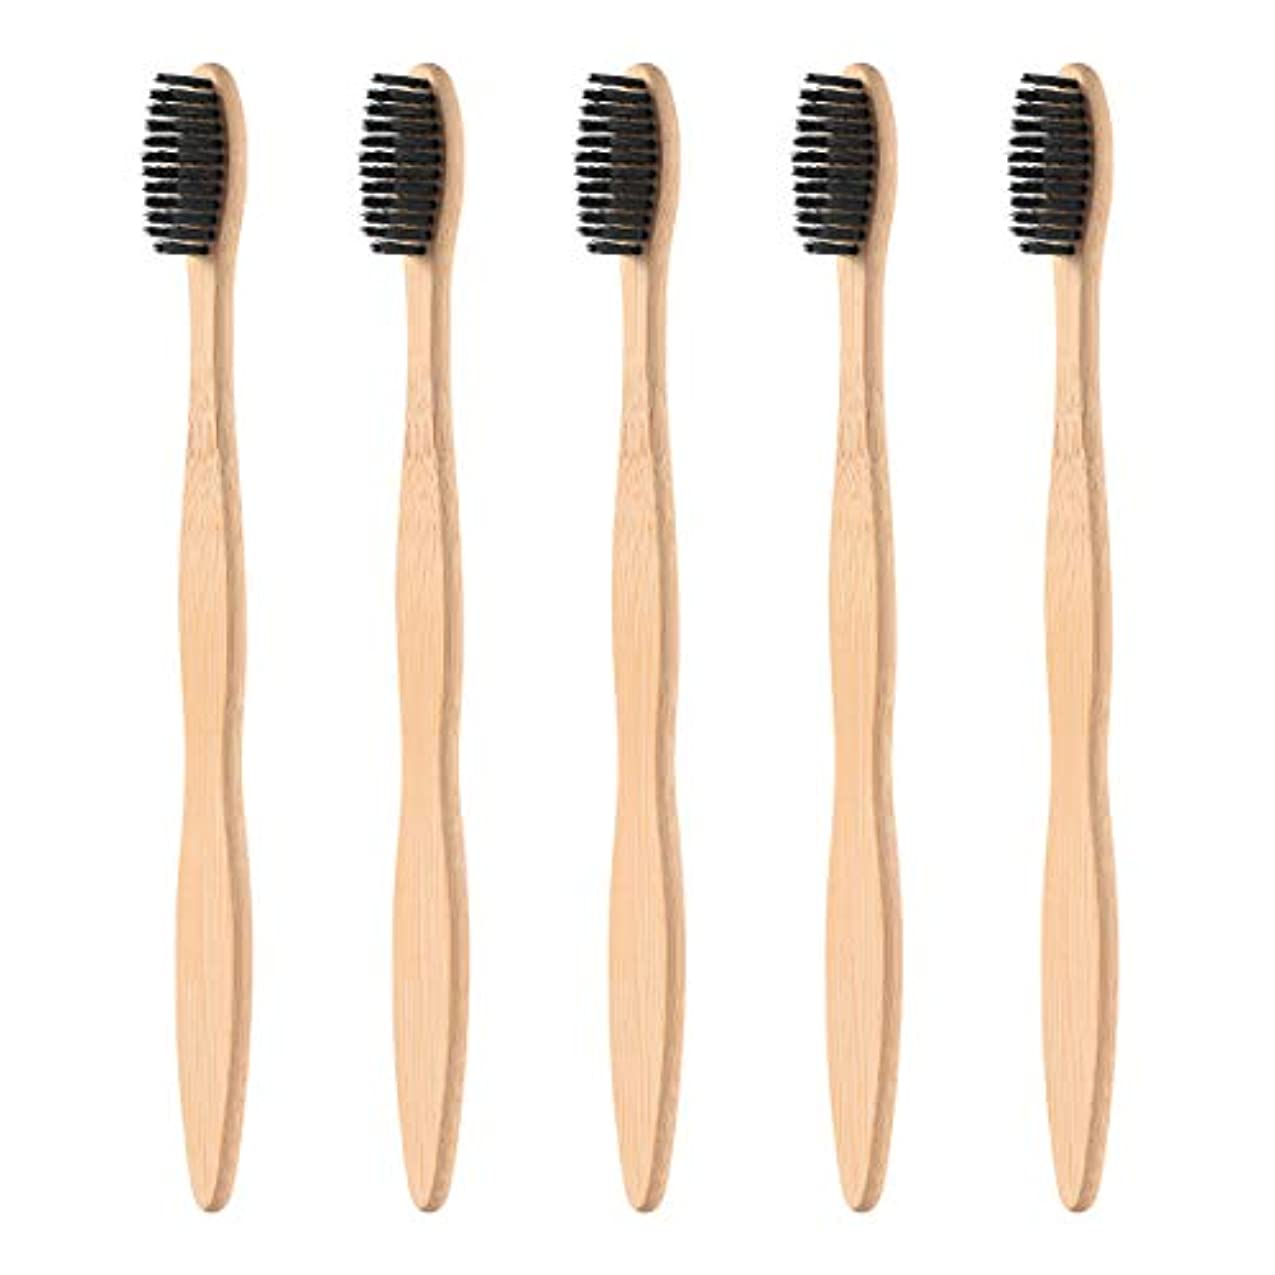 トラフィック代数的川Healifty タケ環境的に歯ブラシ5pcsは柔らかい黒い剛毛が付いている自然な木のEcoの友好的な歯ブラシを扱います